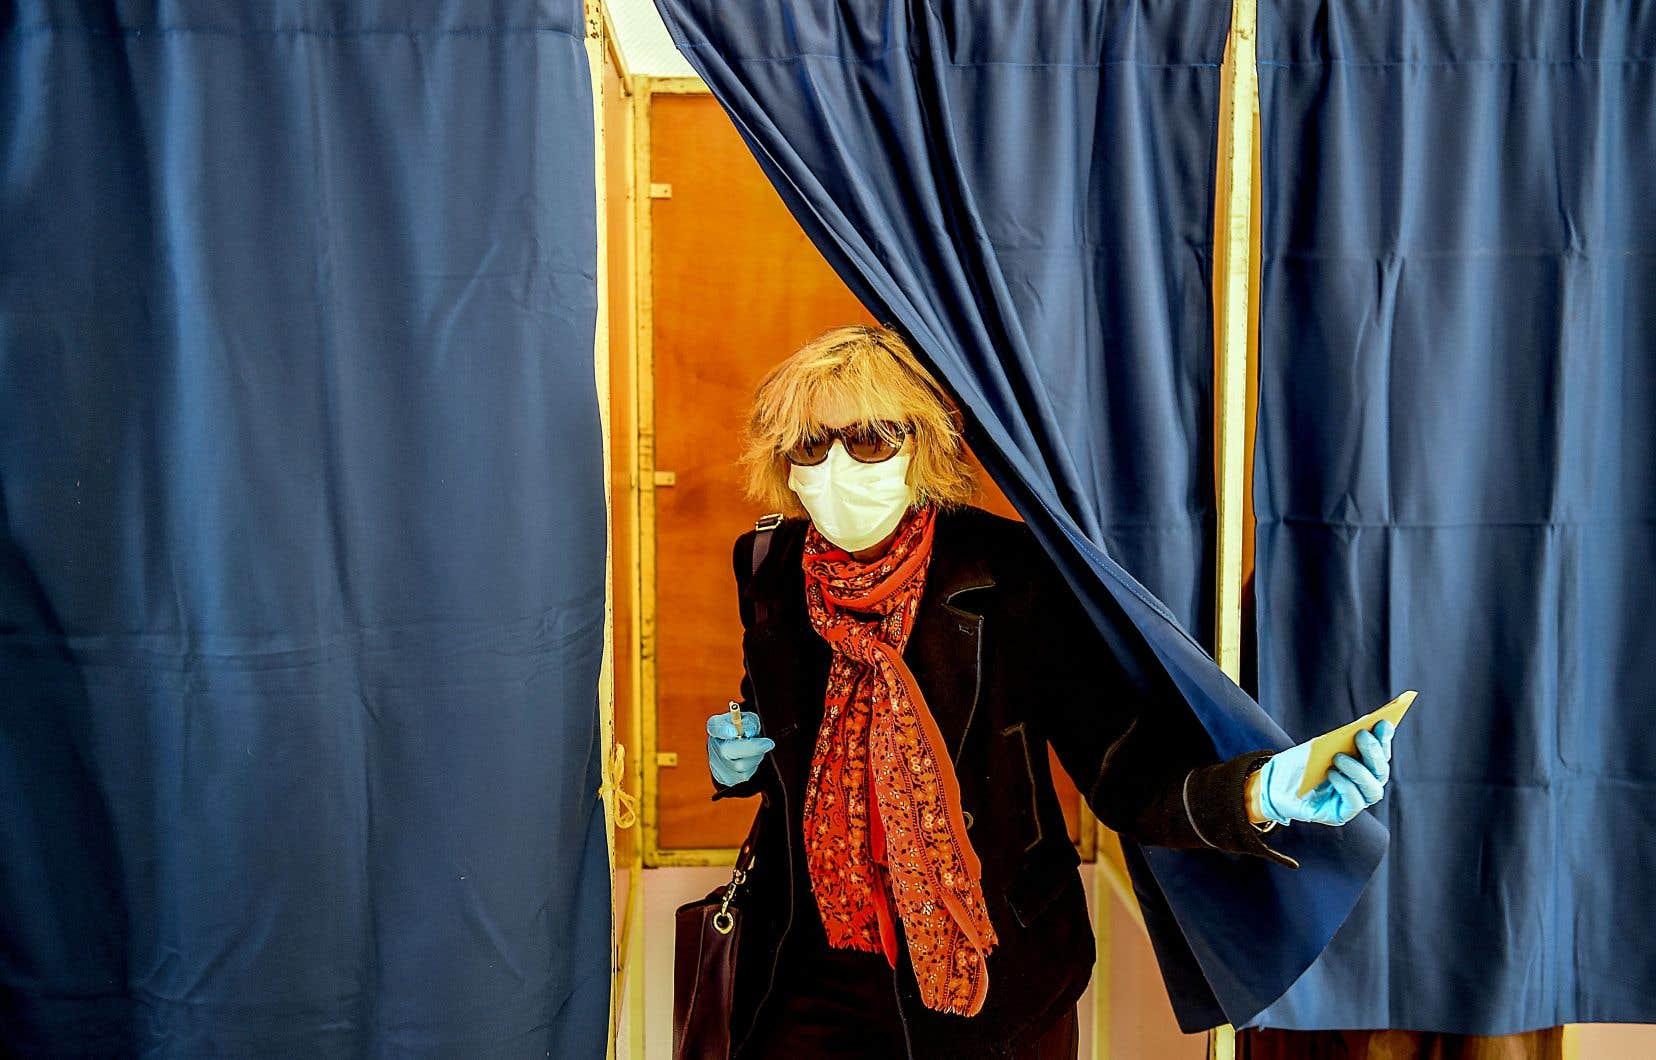 Le gouvernement d'Emmanuel Macron a décidé de la tenue des élections municipales en France, malgré la pandémie.